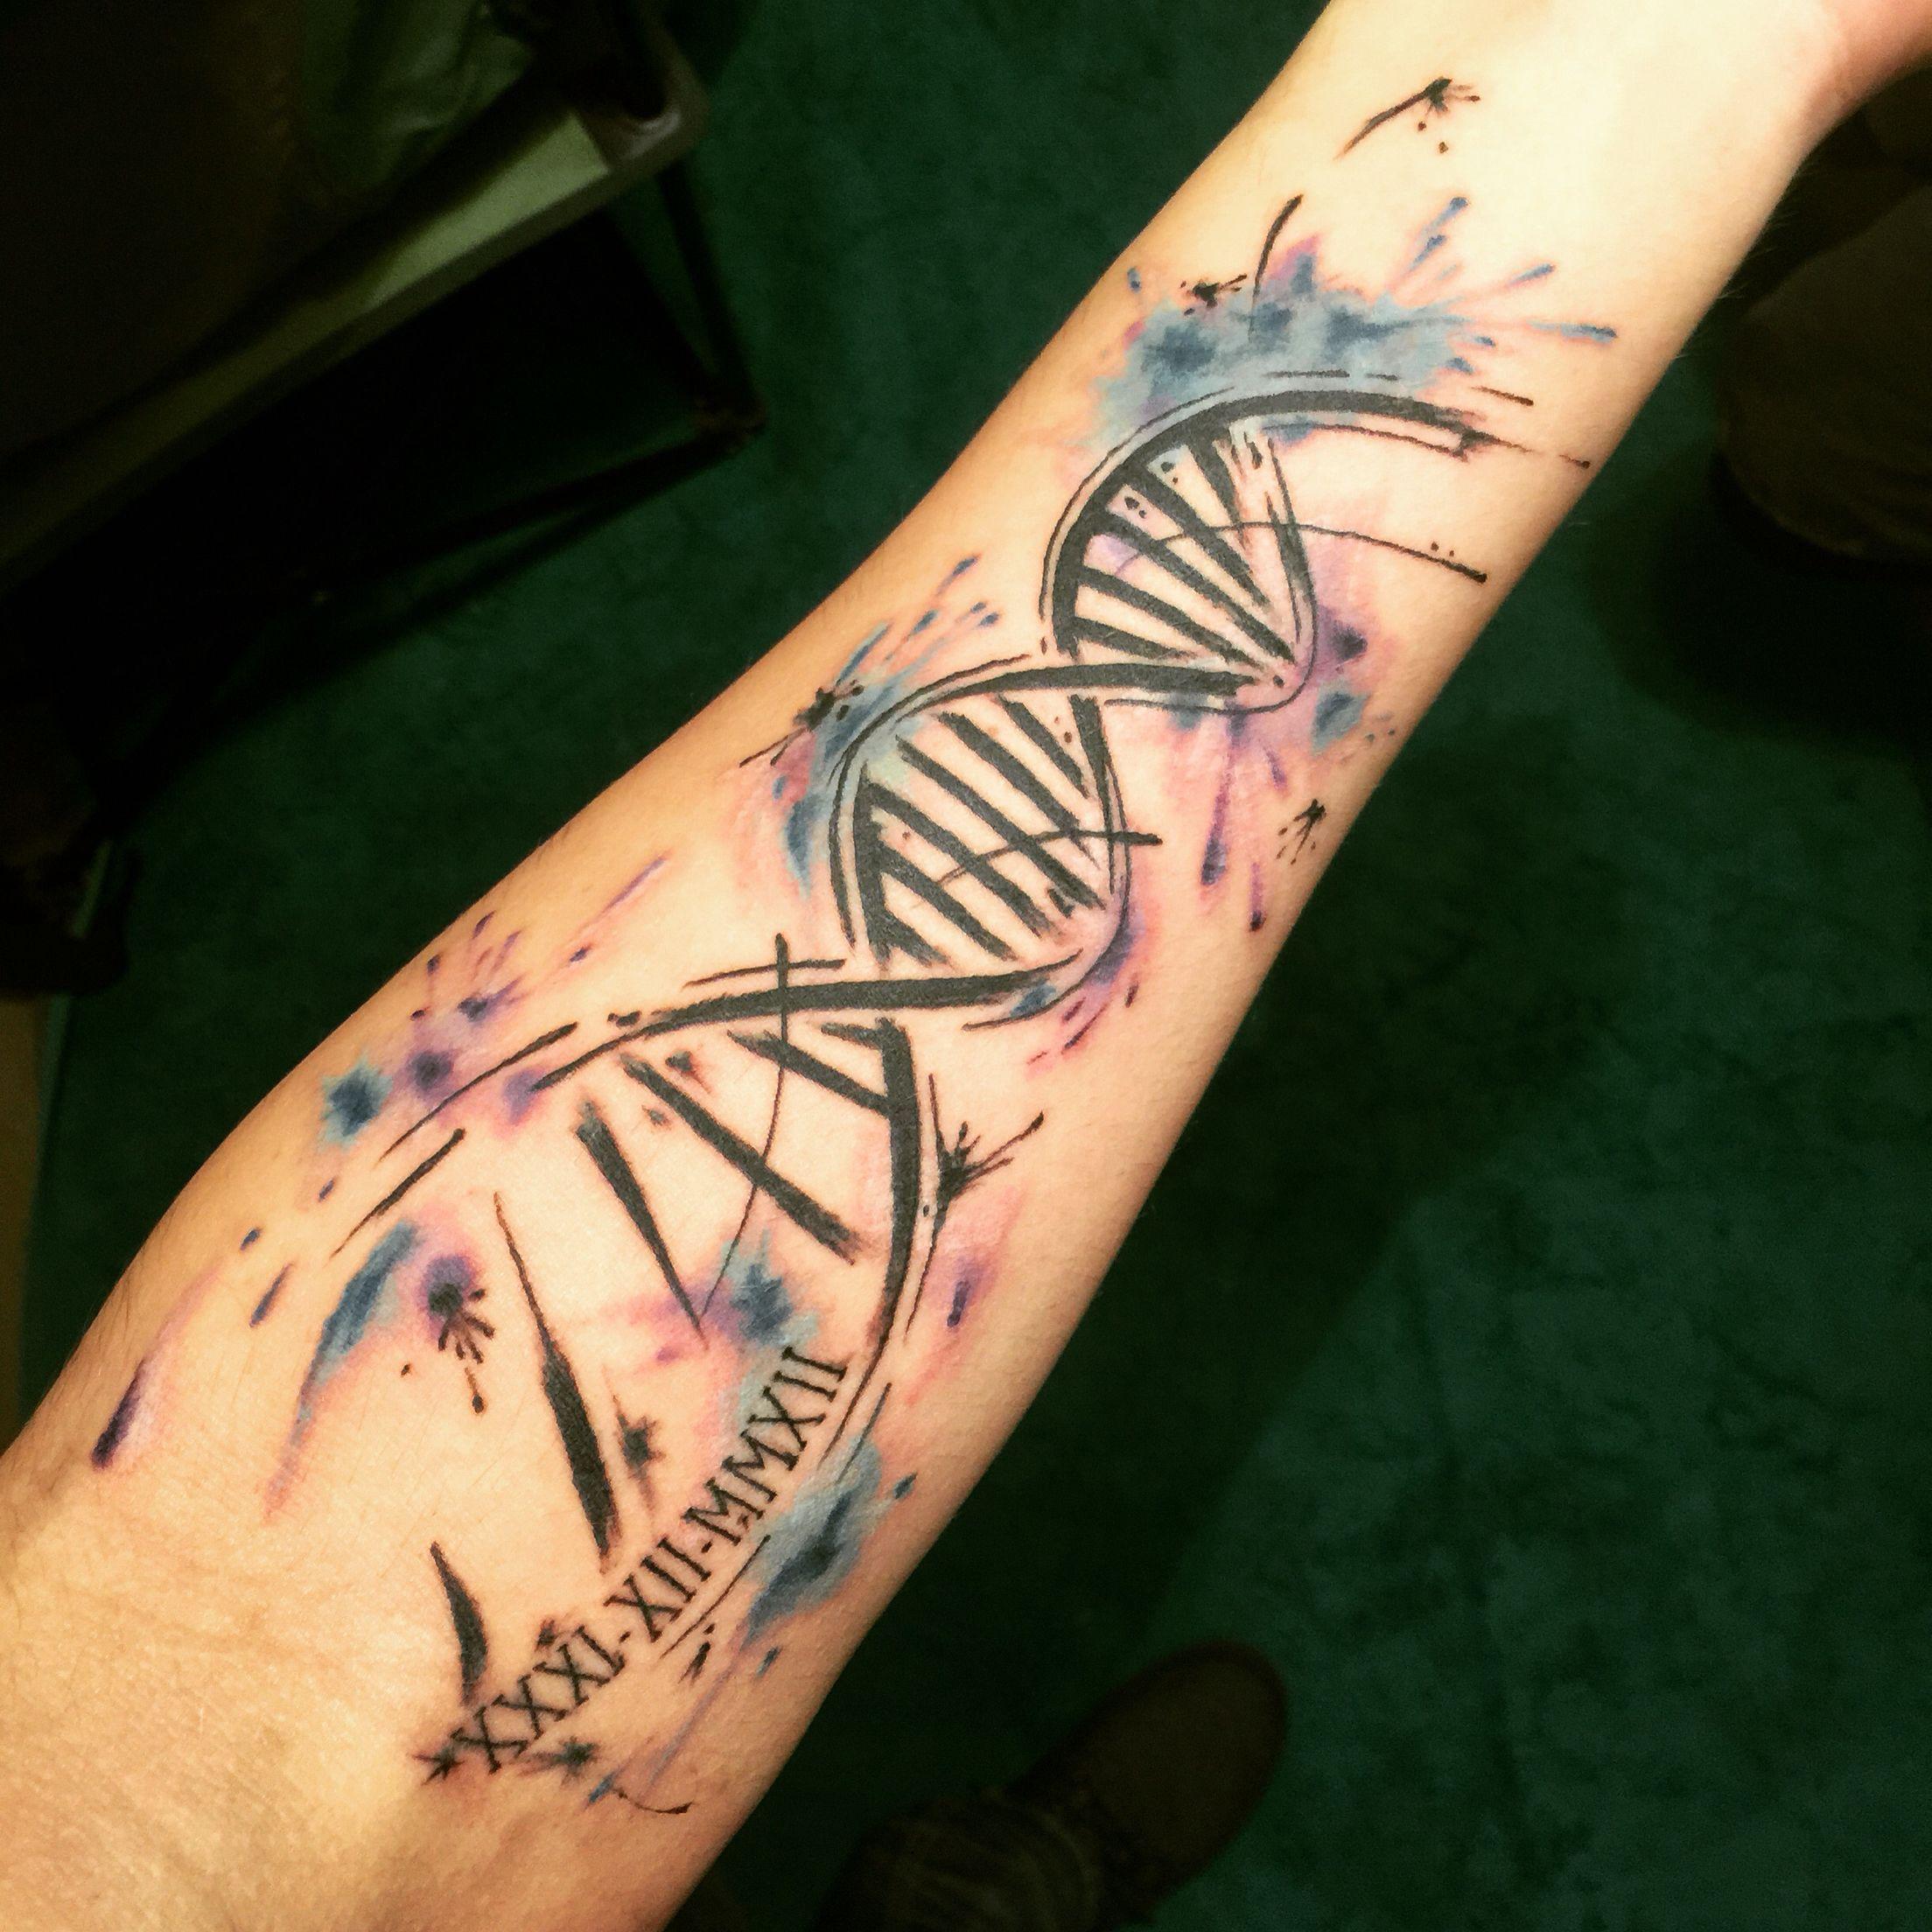 Imagen relacionada   Dna tatuagem, Tatuagem de química